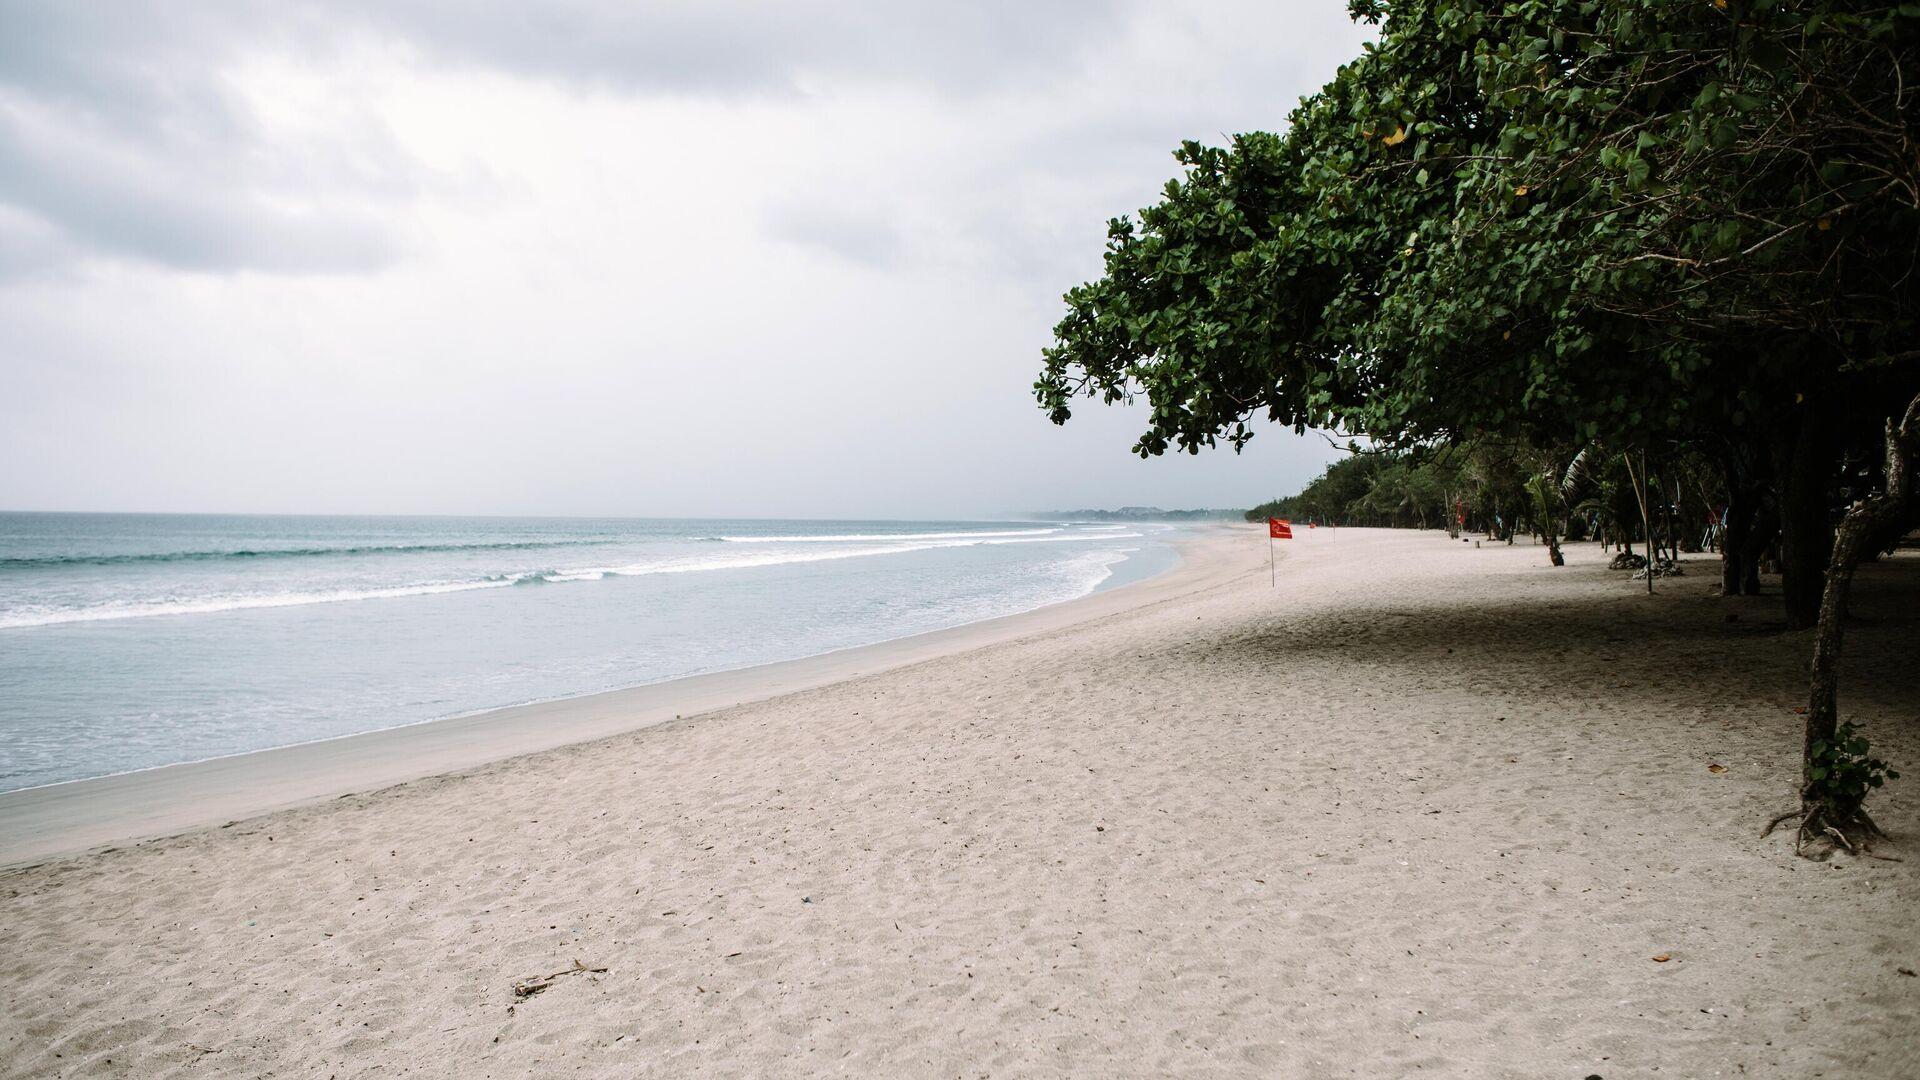 Пустой пляж в Куте на острове Бали в Индонезии - РИА Новости, 1920, 29.06.2021